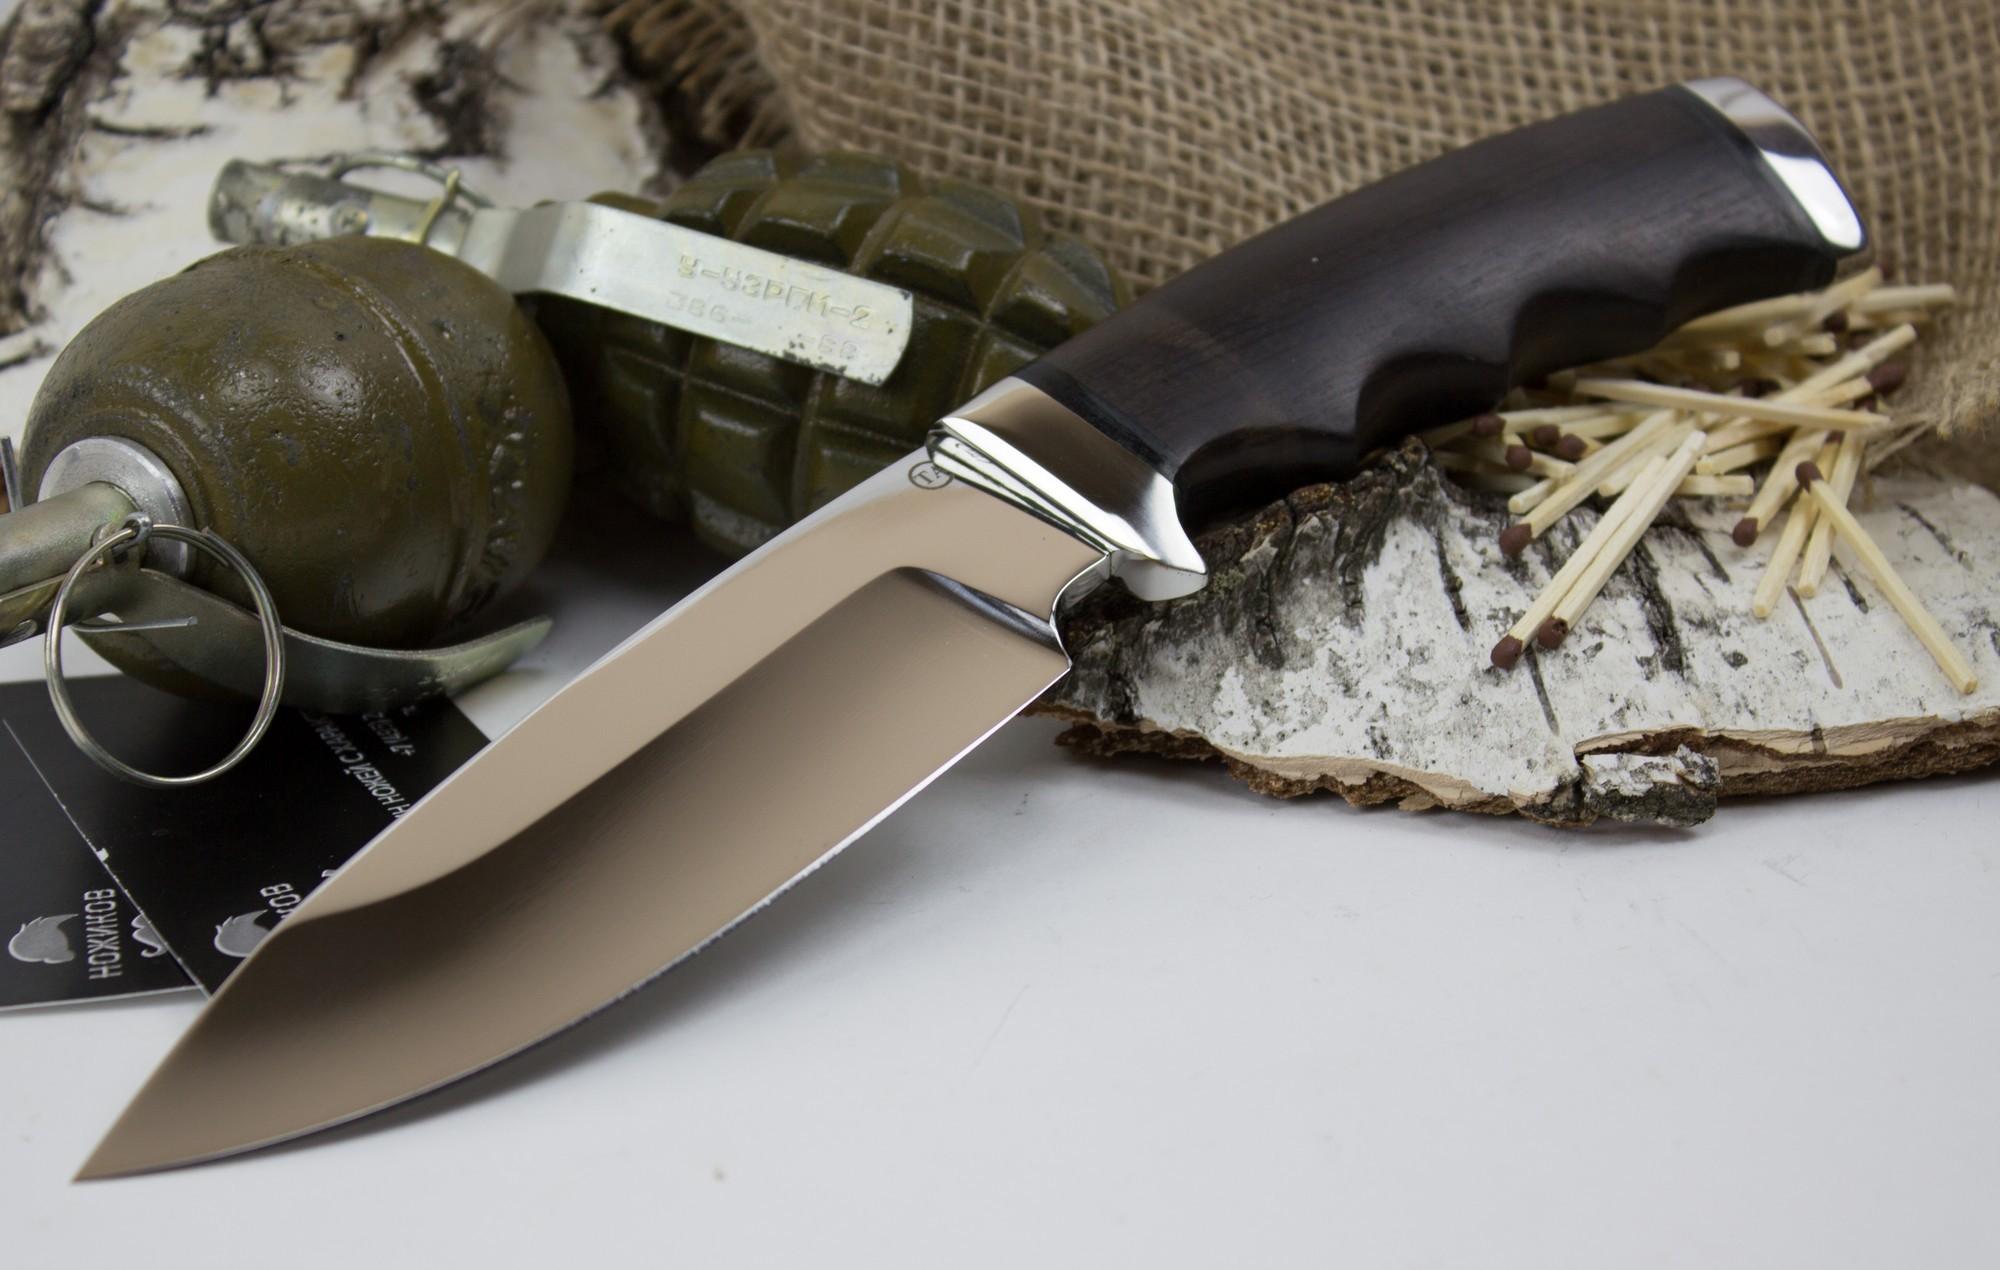 Фото 6 - Нож Барсук-1, сталь 95х18 от Титов и Солдатова